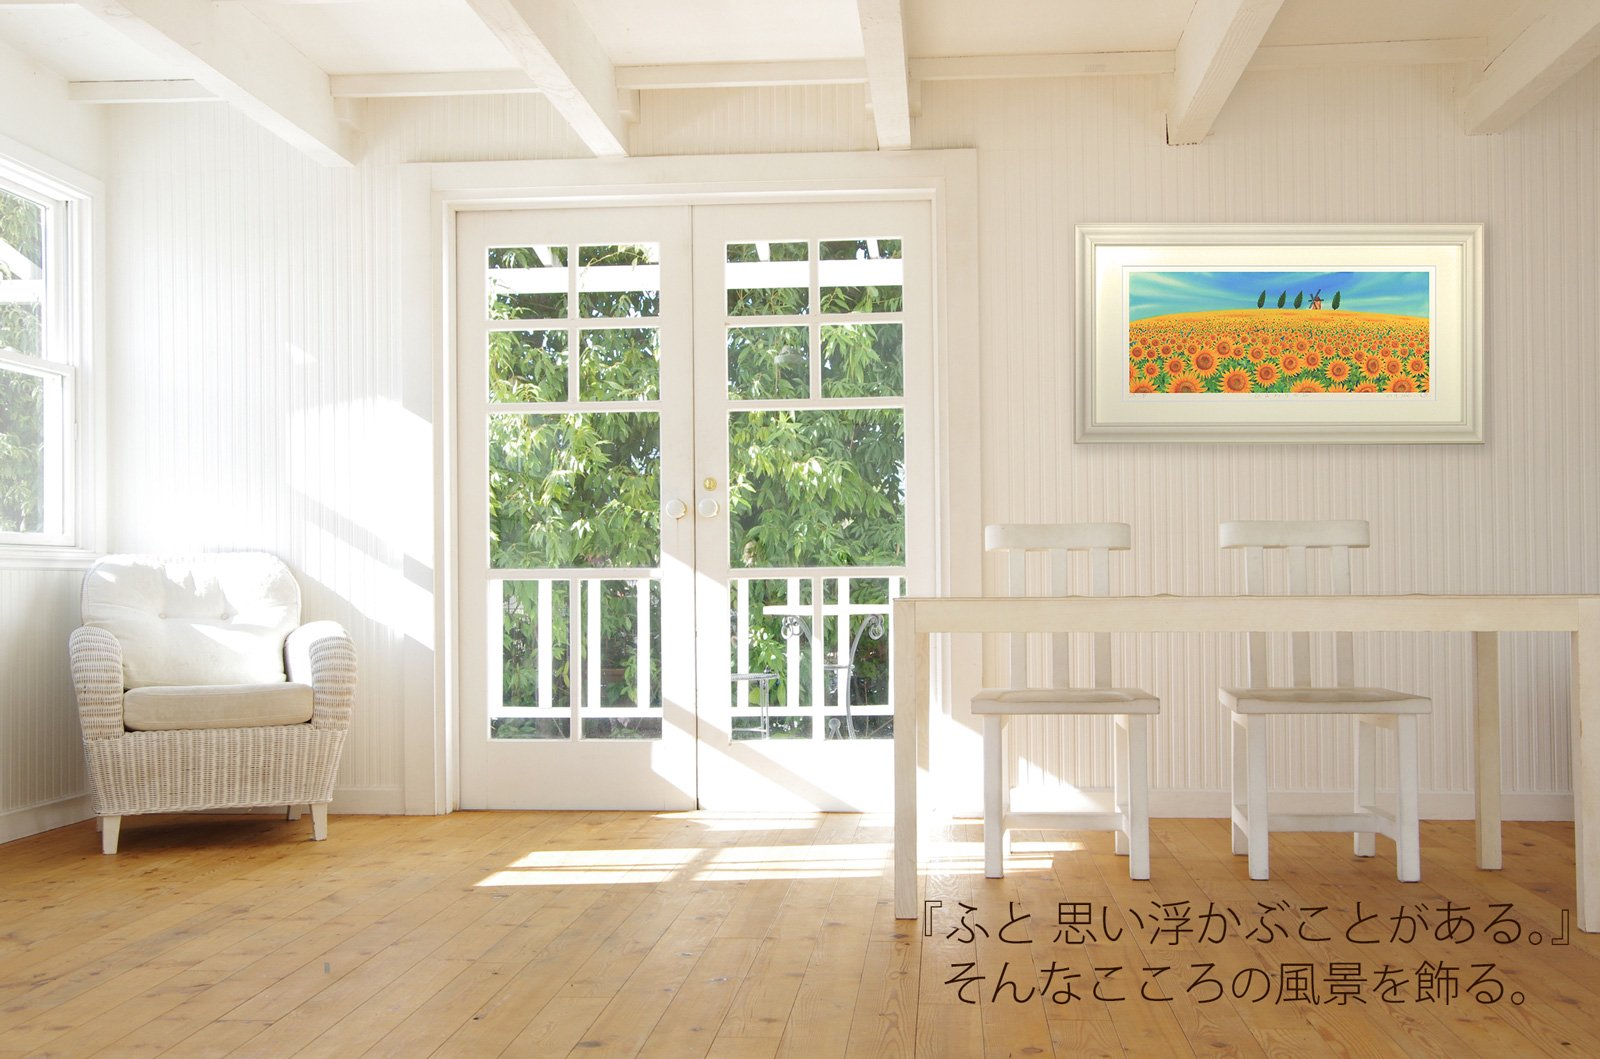 《絵画 水彩画》菜の花畑4〔栗乃木ハルミ くりのきはるみ 〕